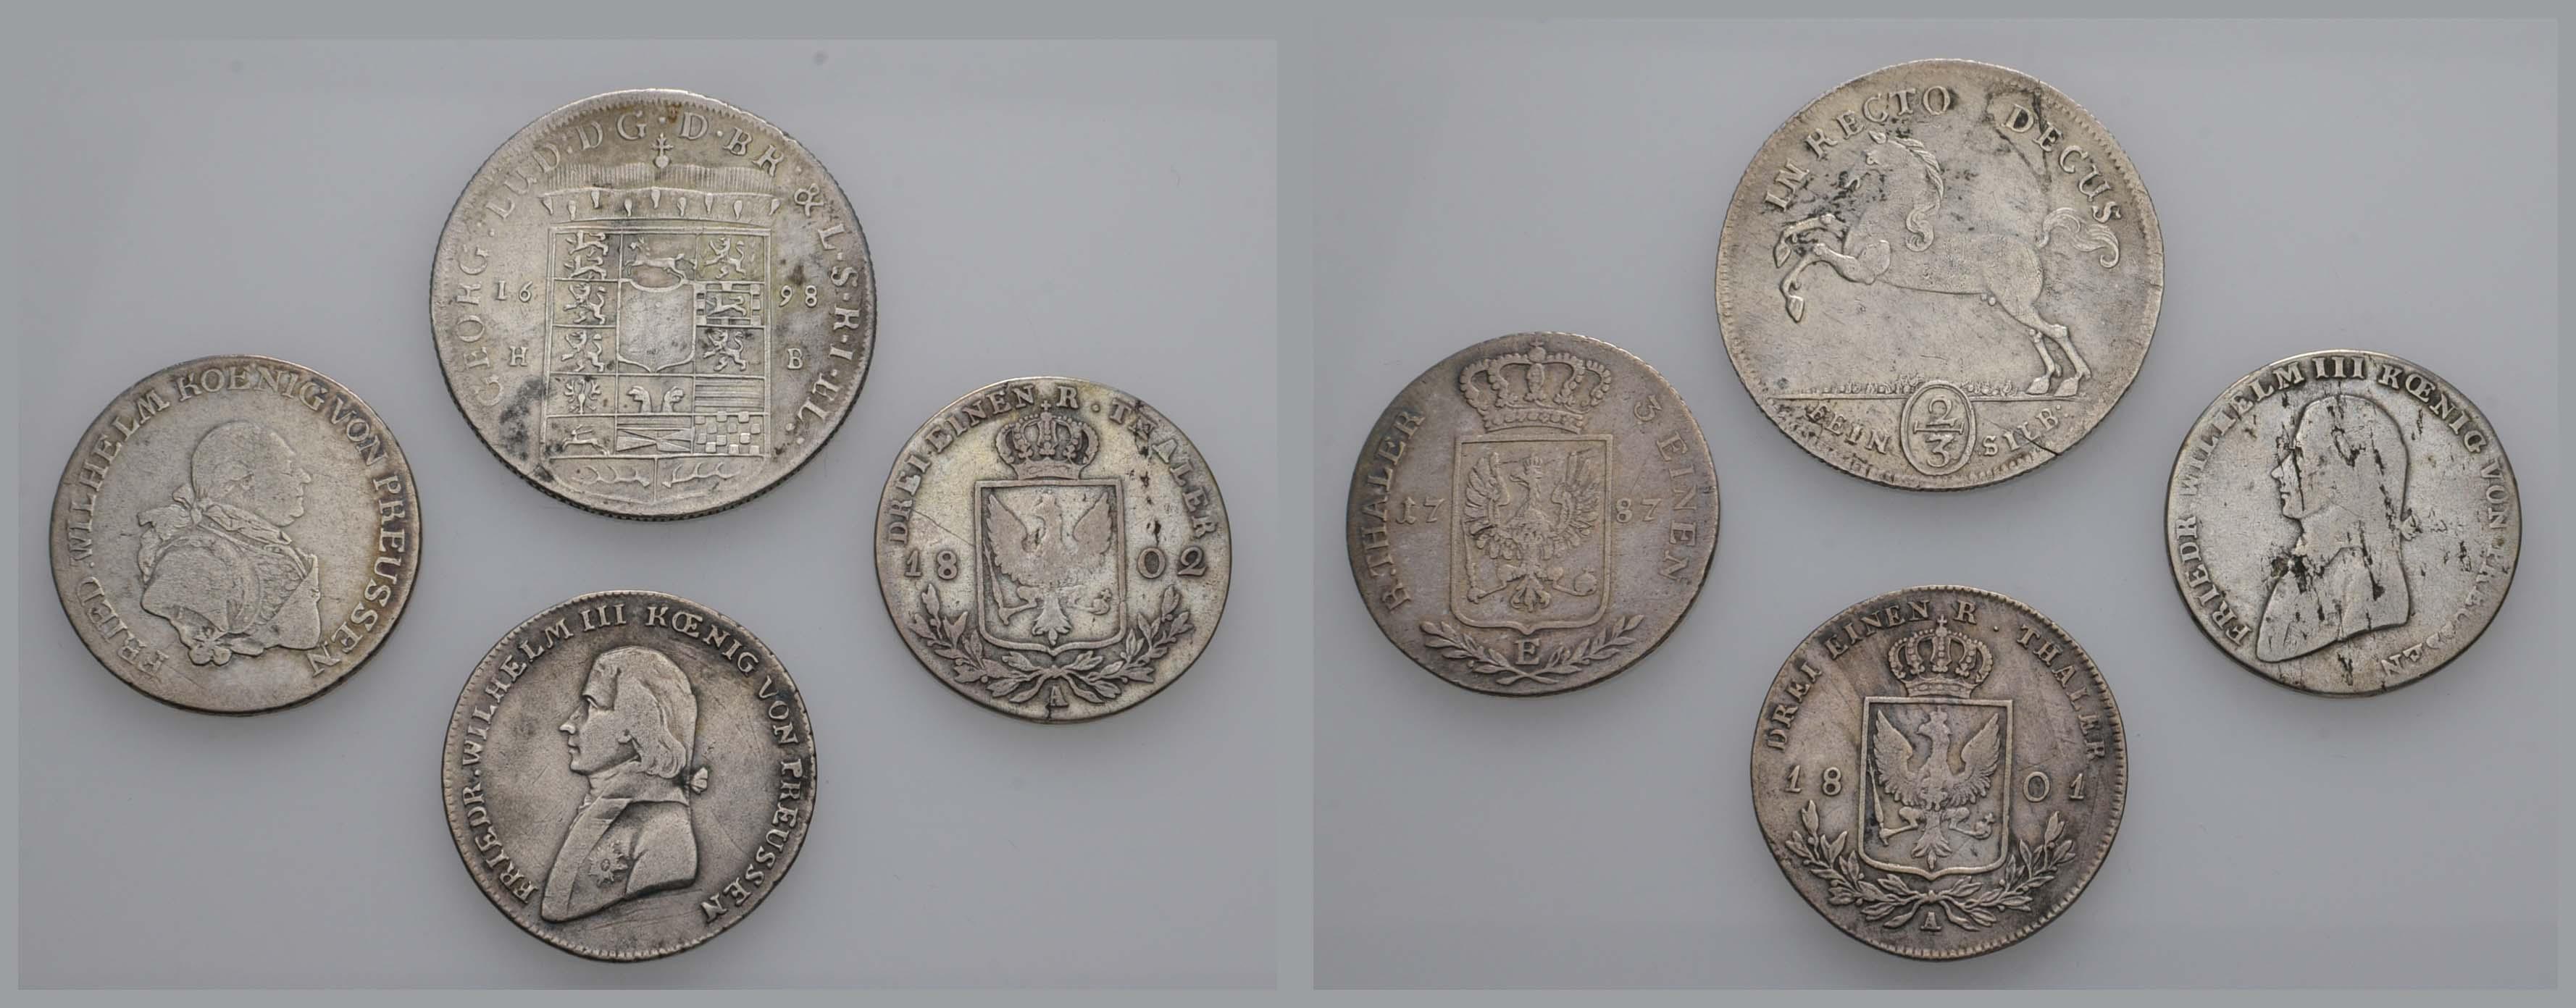 Lot 583 - deutschland bis 1799 - Allgemein -  Auktionshaus Ulrich Felzmann GmbH & Co. KG Coins single lots